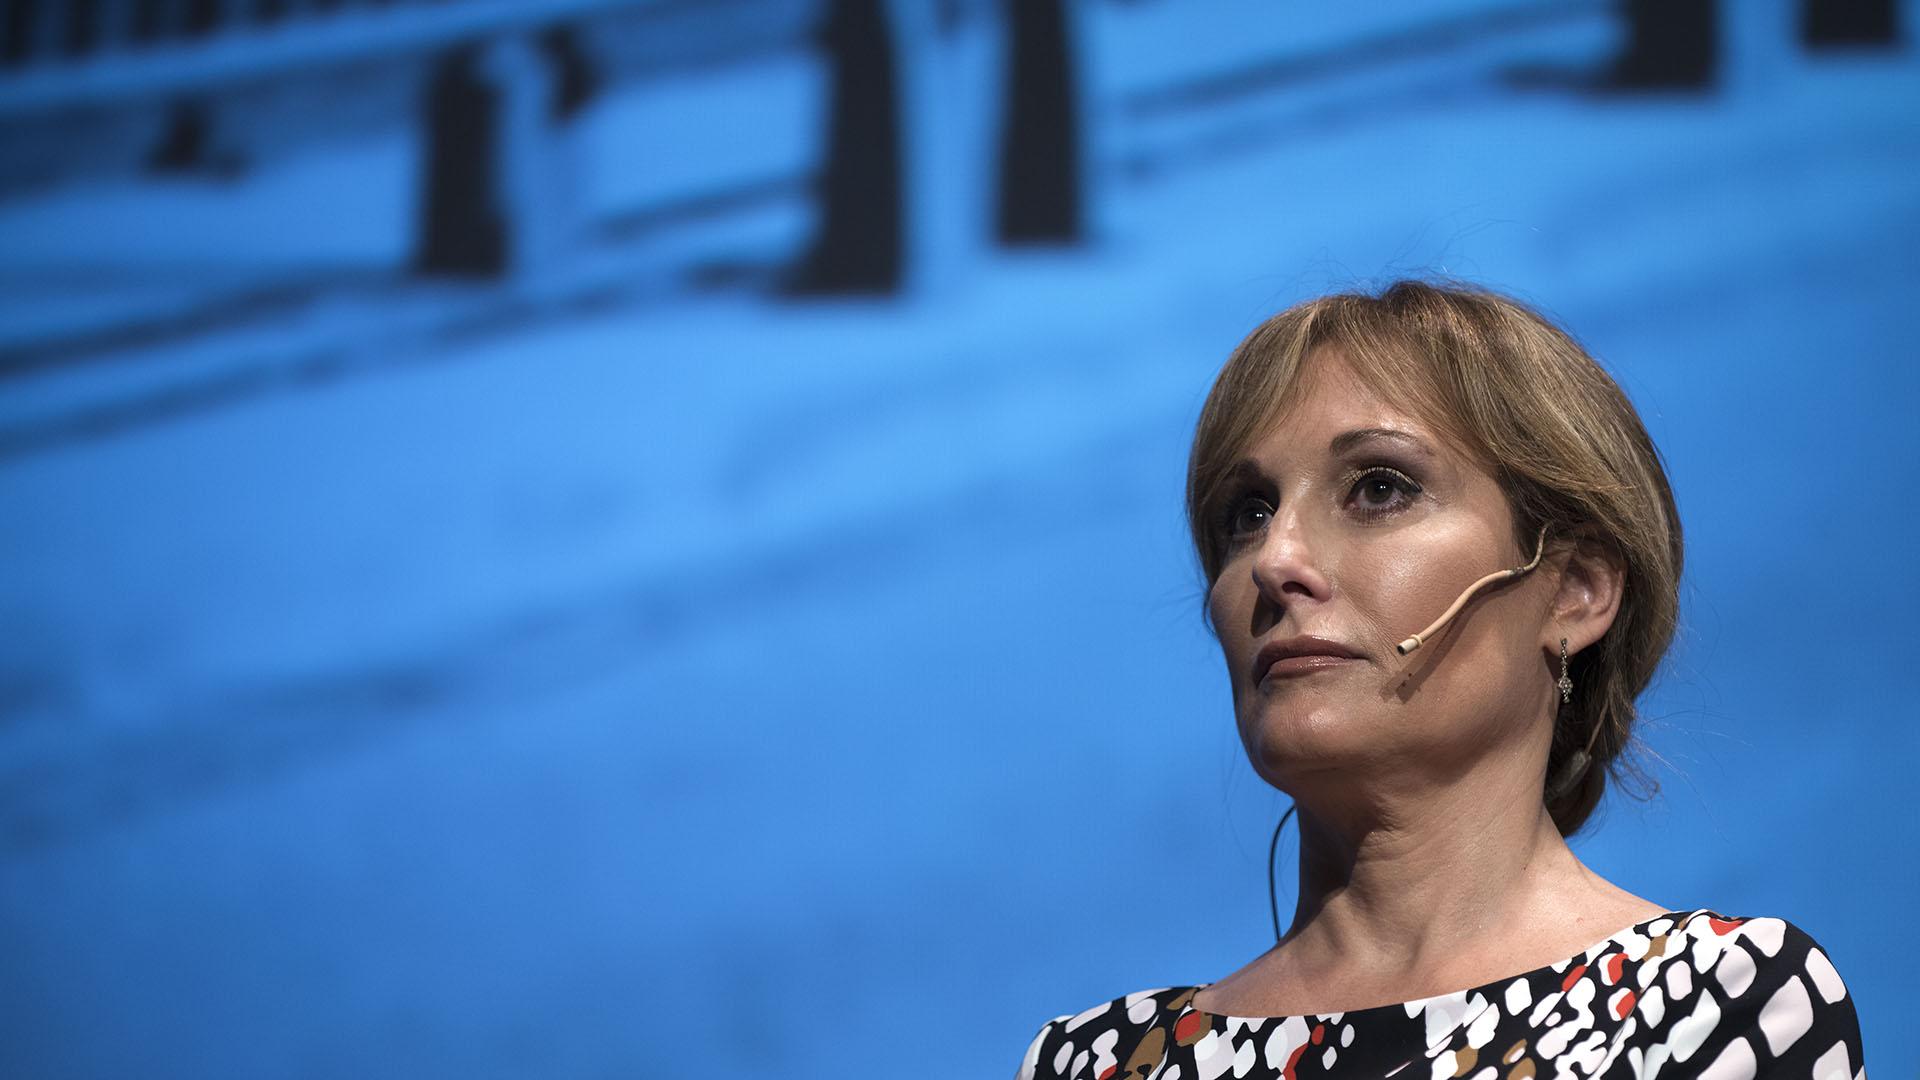 Silvina Gvirtz, Secretaria de Ciencia, Tecnología y Políticas Educativas de la Matanza. Investigadora de Conicet